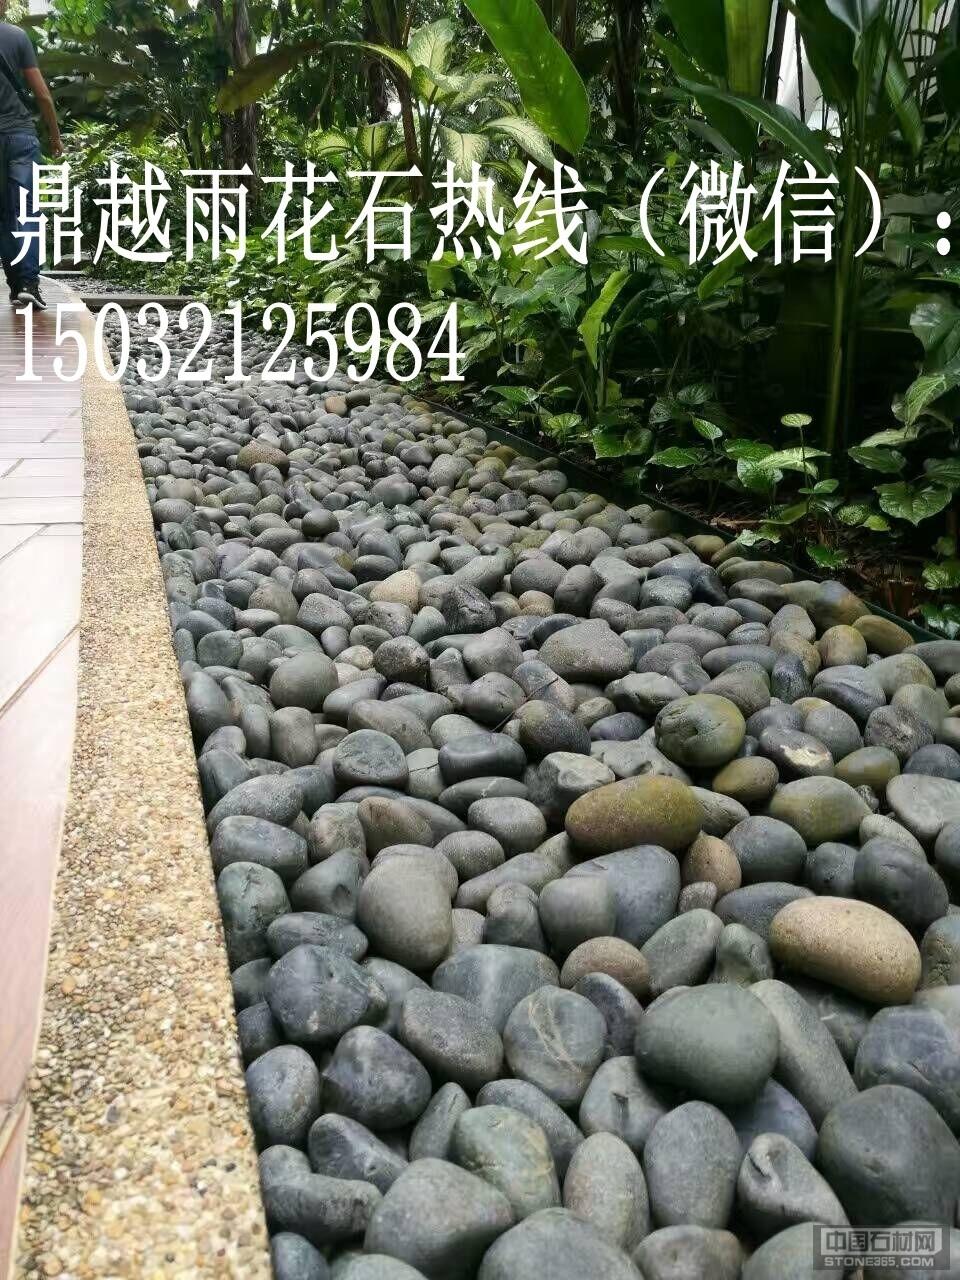 供应园林景观装饰用的黑色鹅卵石